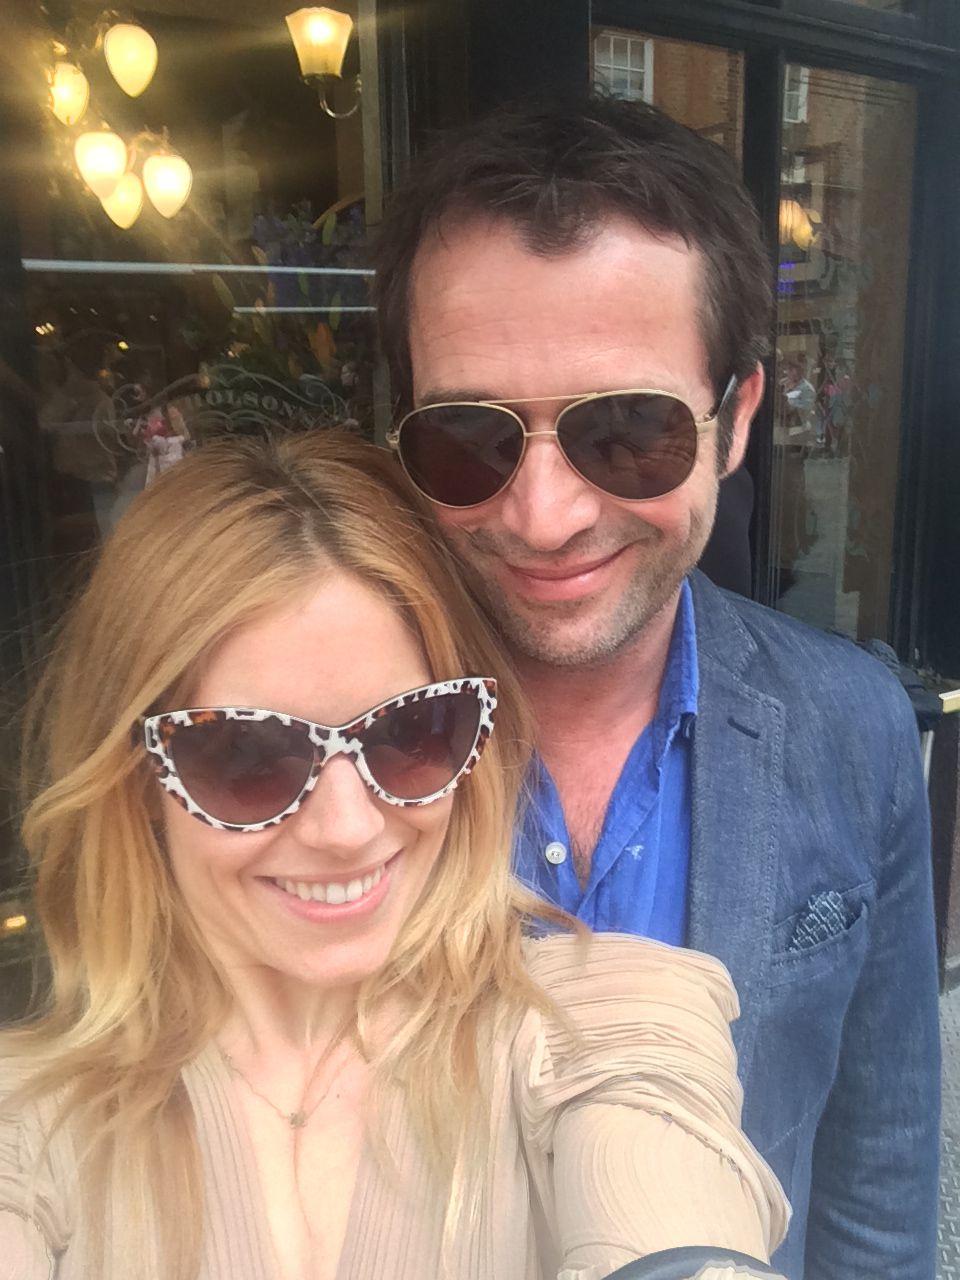 Sienna Miller and boyfriend take selfie infront of store